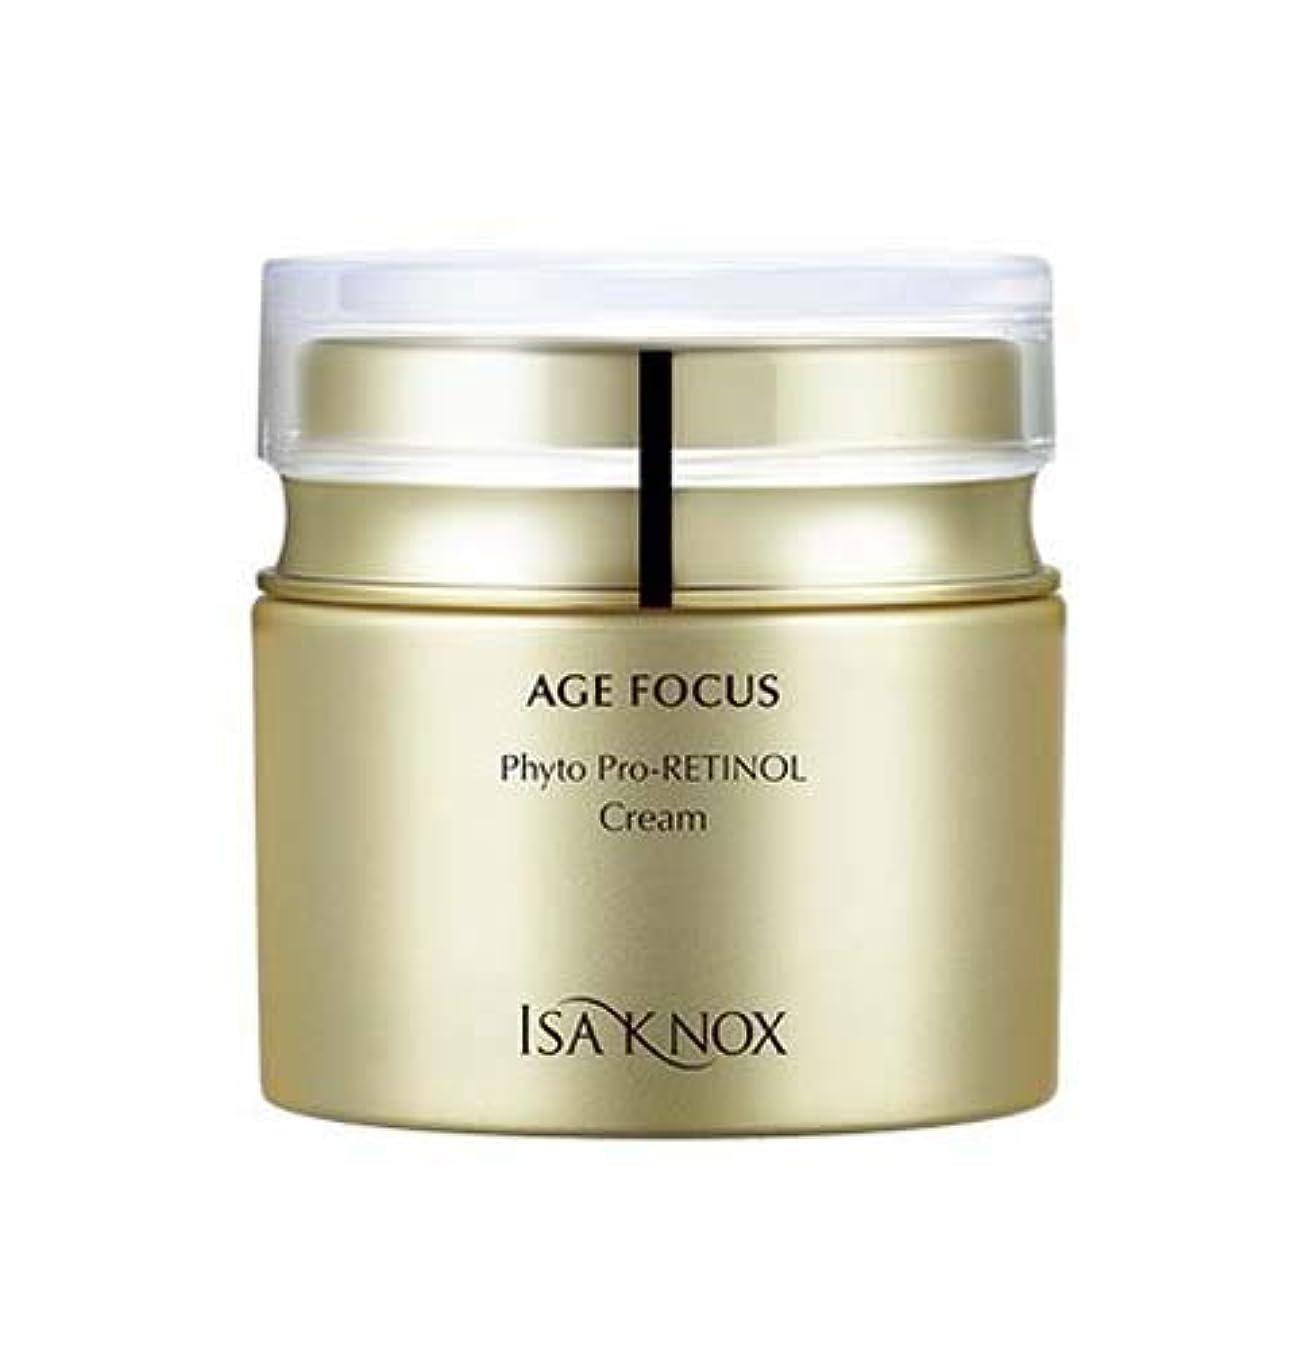 忠誠腹痛人柄[イザノックス] ISA KNOX [エイジフォーカス フィト プロレチノール クリーム 50ml] AGE FOCUS Pro-Retinol Cream 50ml [海外直送品]